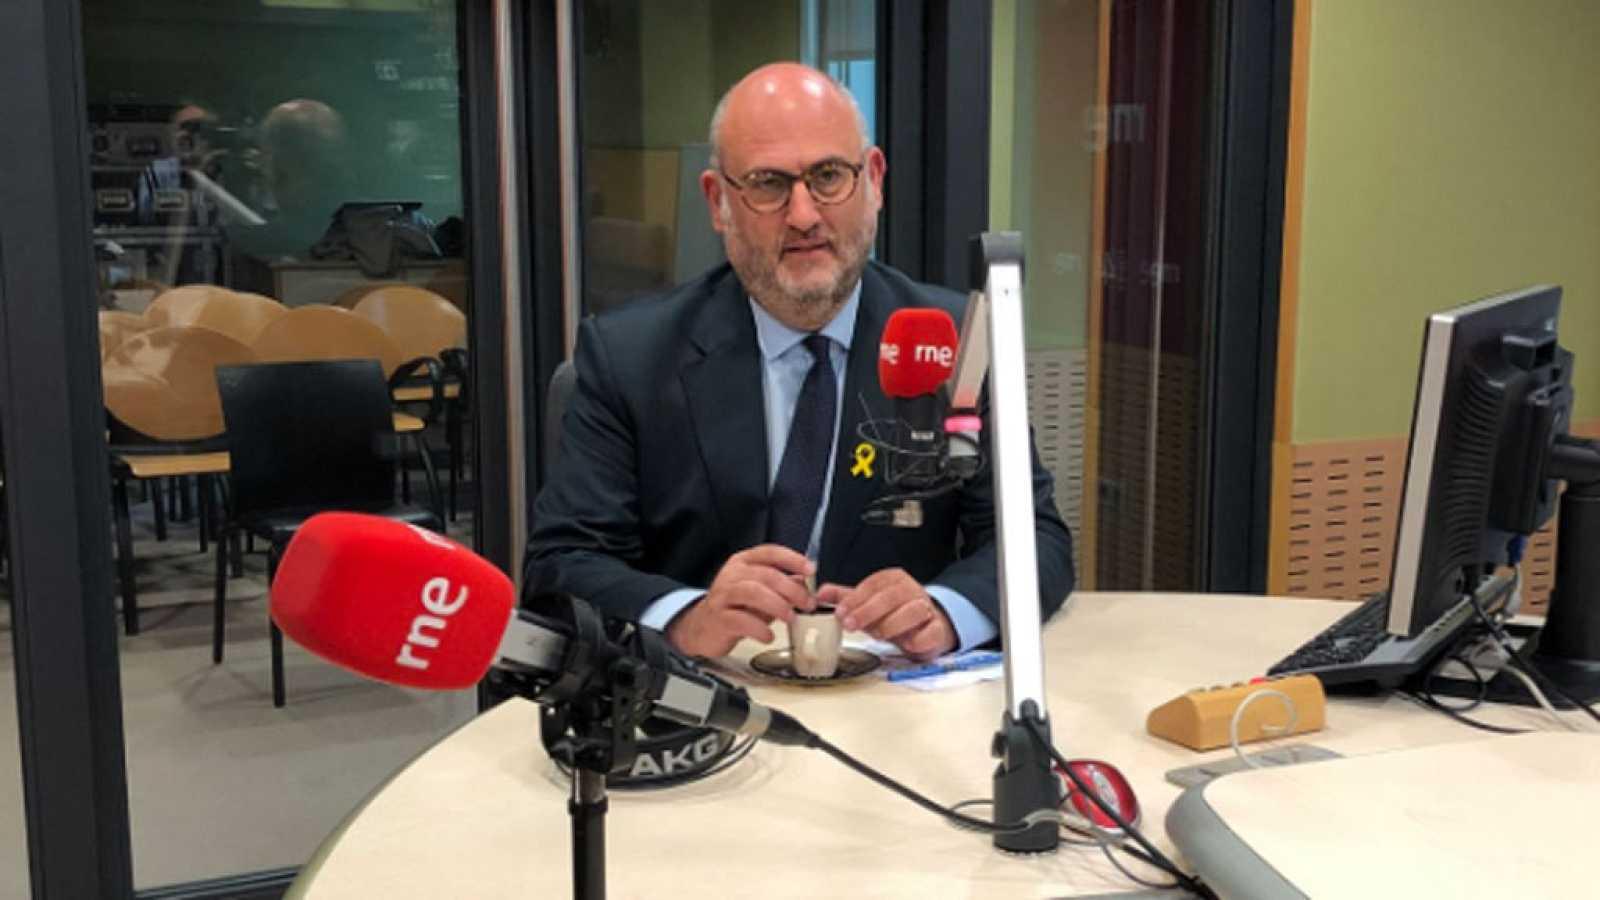 Las mañanas de RNE - Eduard Pujol (JxC) advierte que habrá una respuesta al mantenimiento del 155 - Escuchar ahora